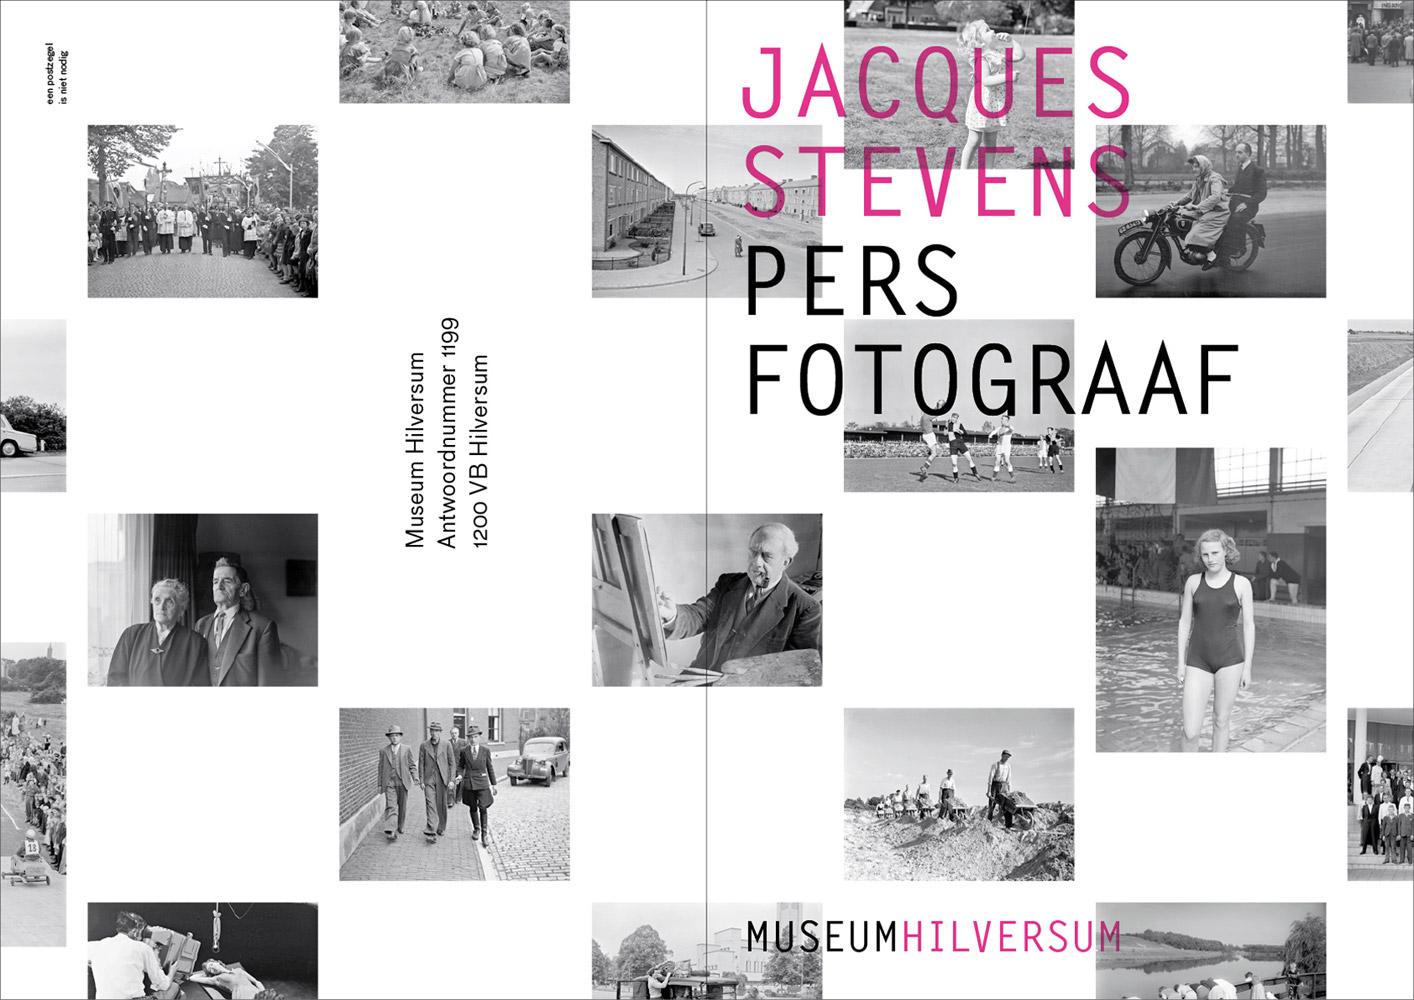 museumhilversum jacques stevens uitnodiging 1 jpg